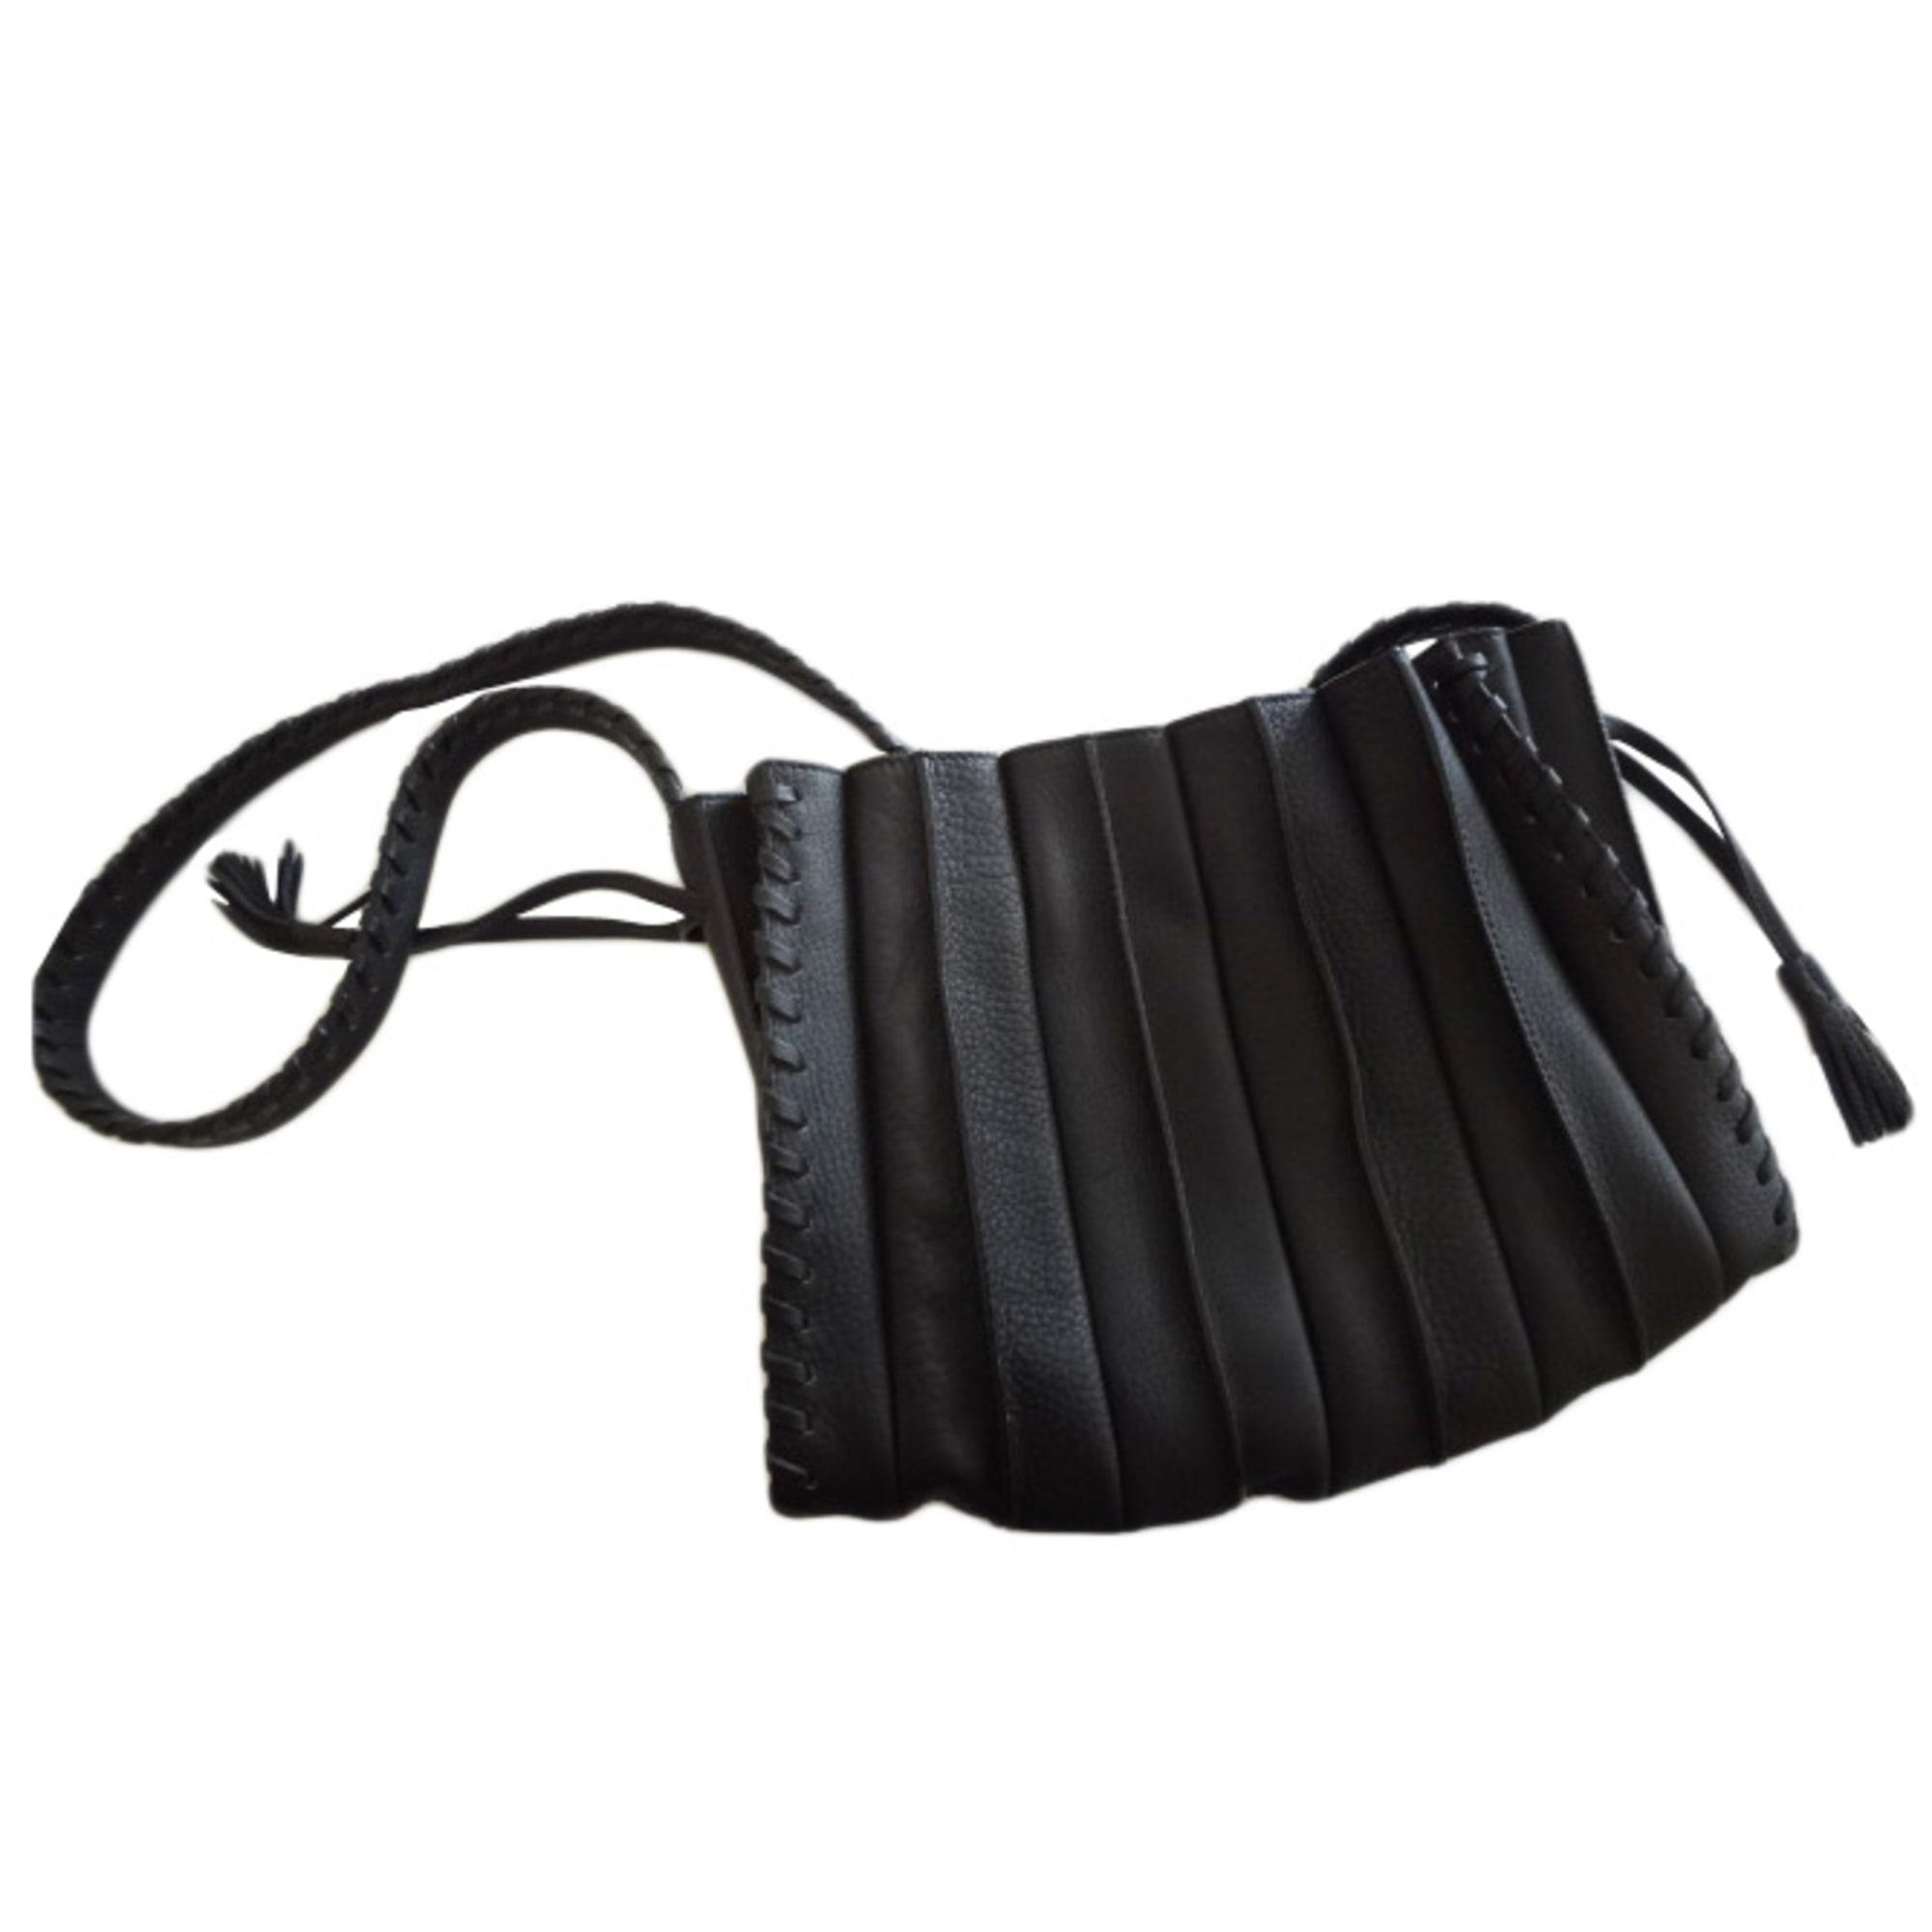 f146dcbdcb Sac en bandoulière en cuir LUPO BARCELONA noir vendu par Miss ...